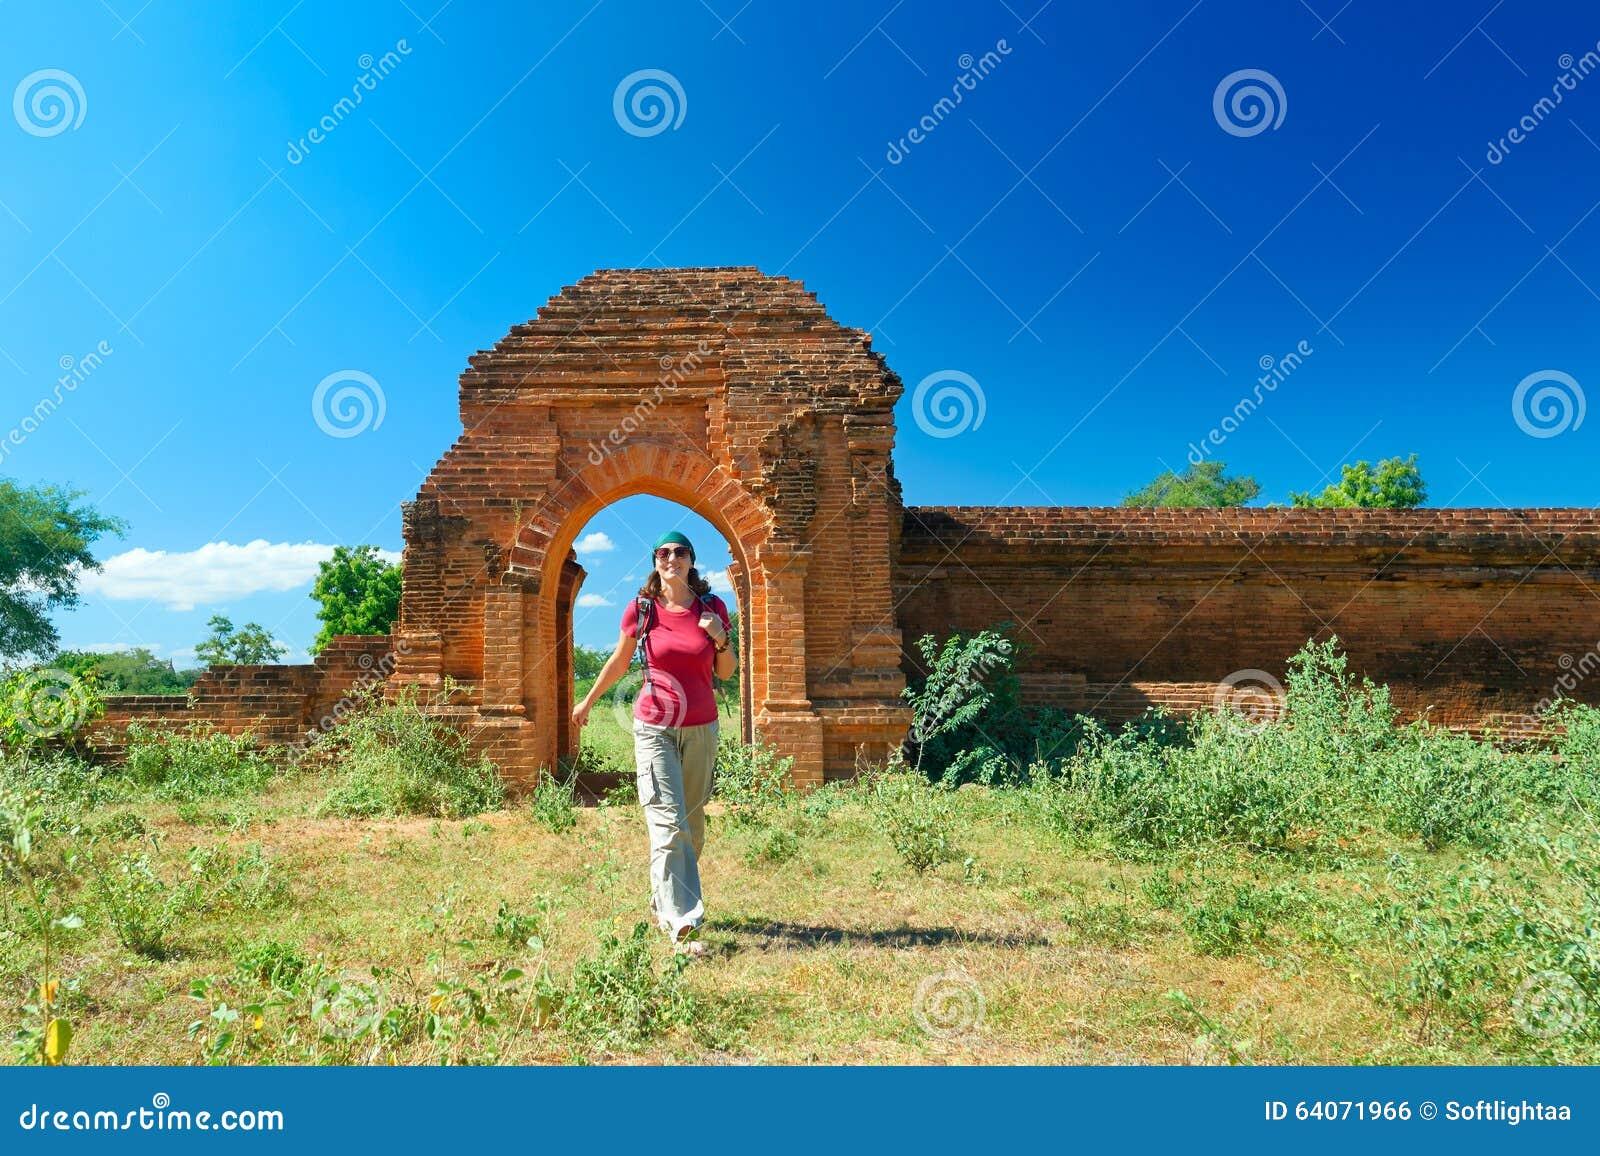 有一个背包的小姐在古老废墟的门外面